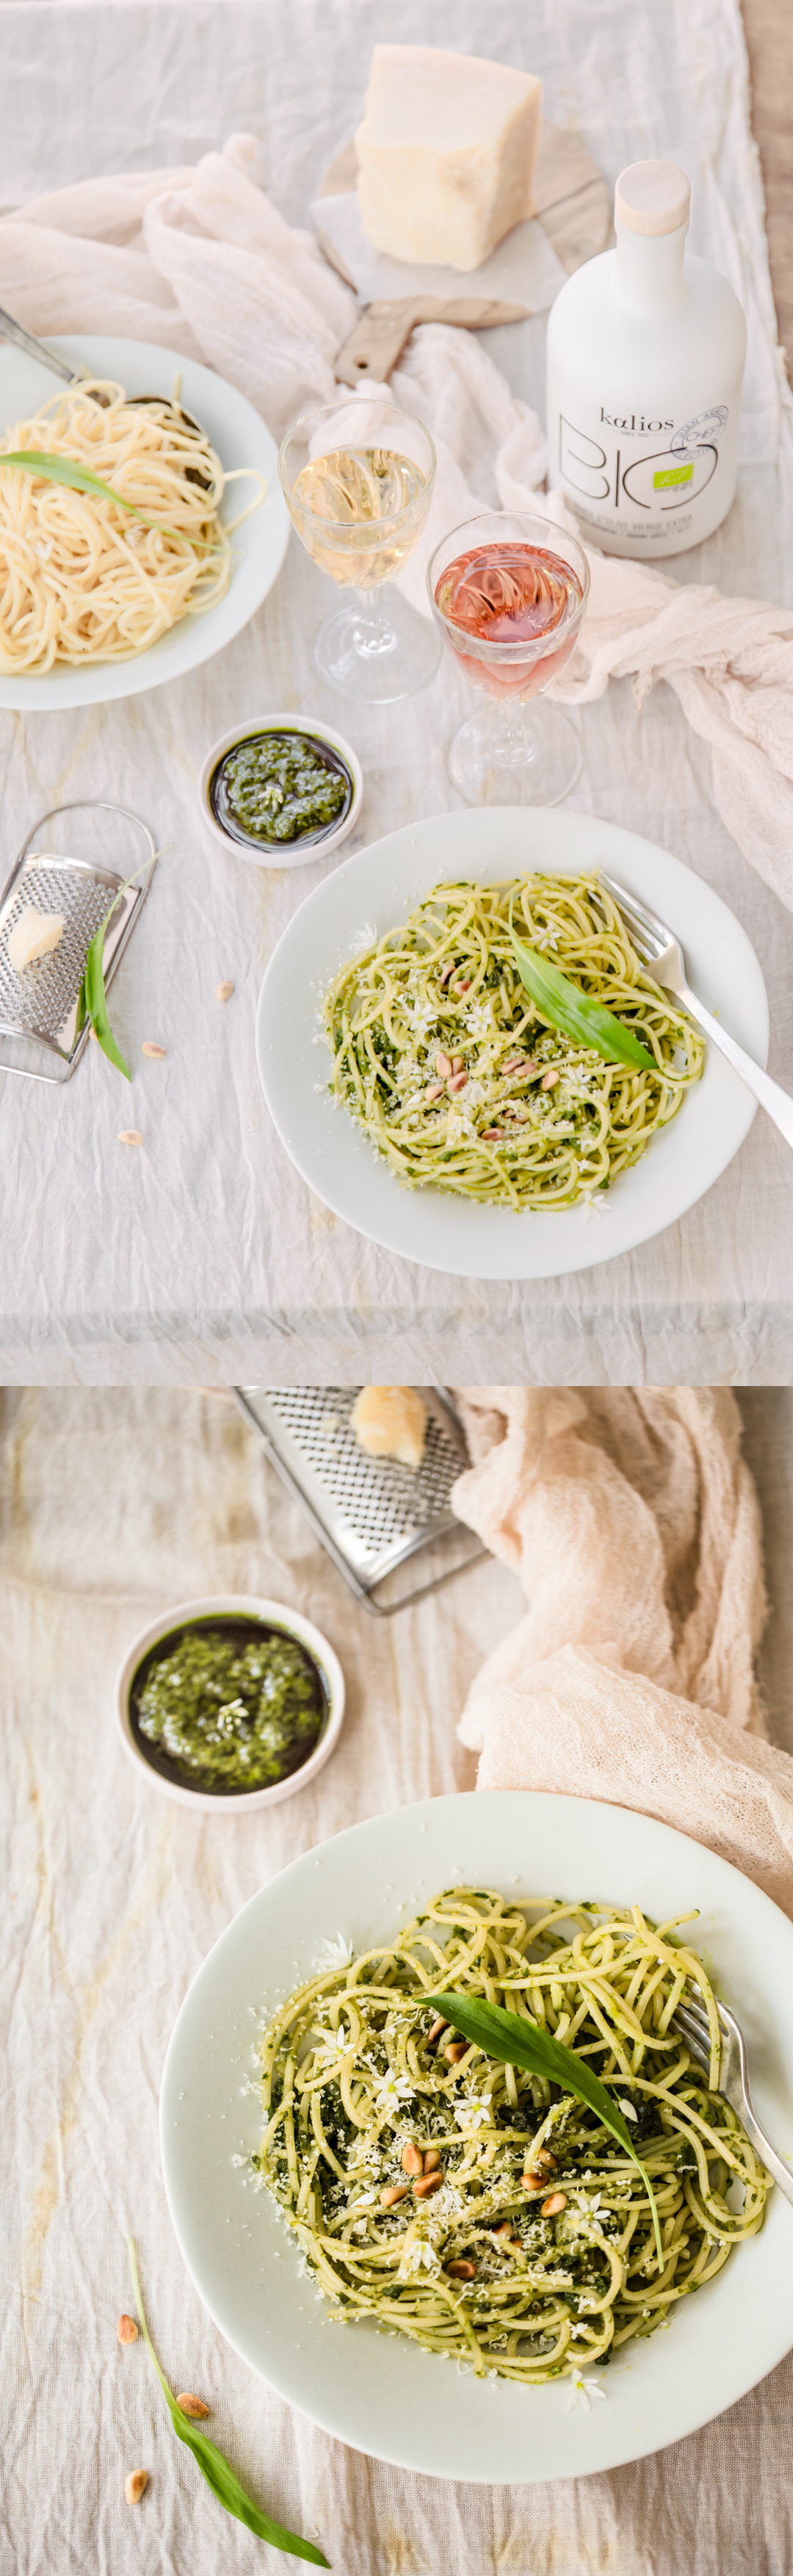 faites cuire les spaghetti-ajoutez le pesto-le parmesan et un filet d'huile d'olive kalios